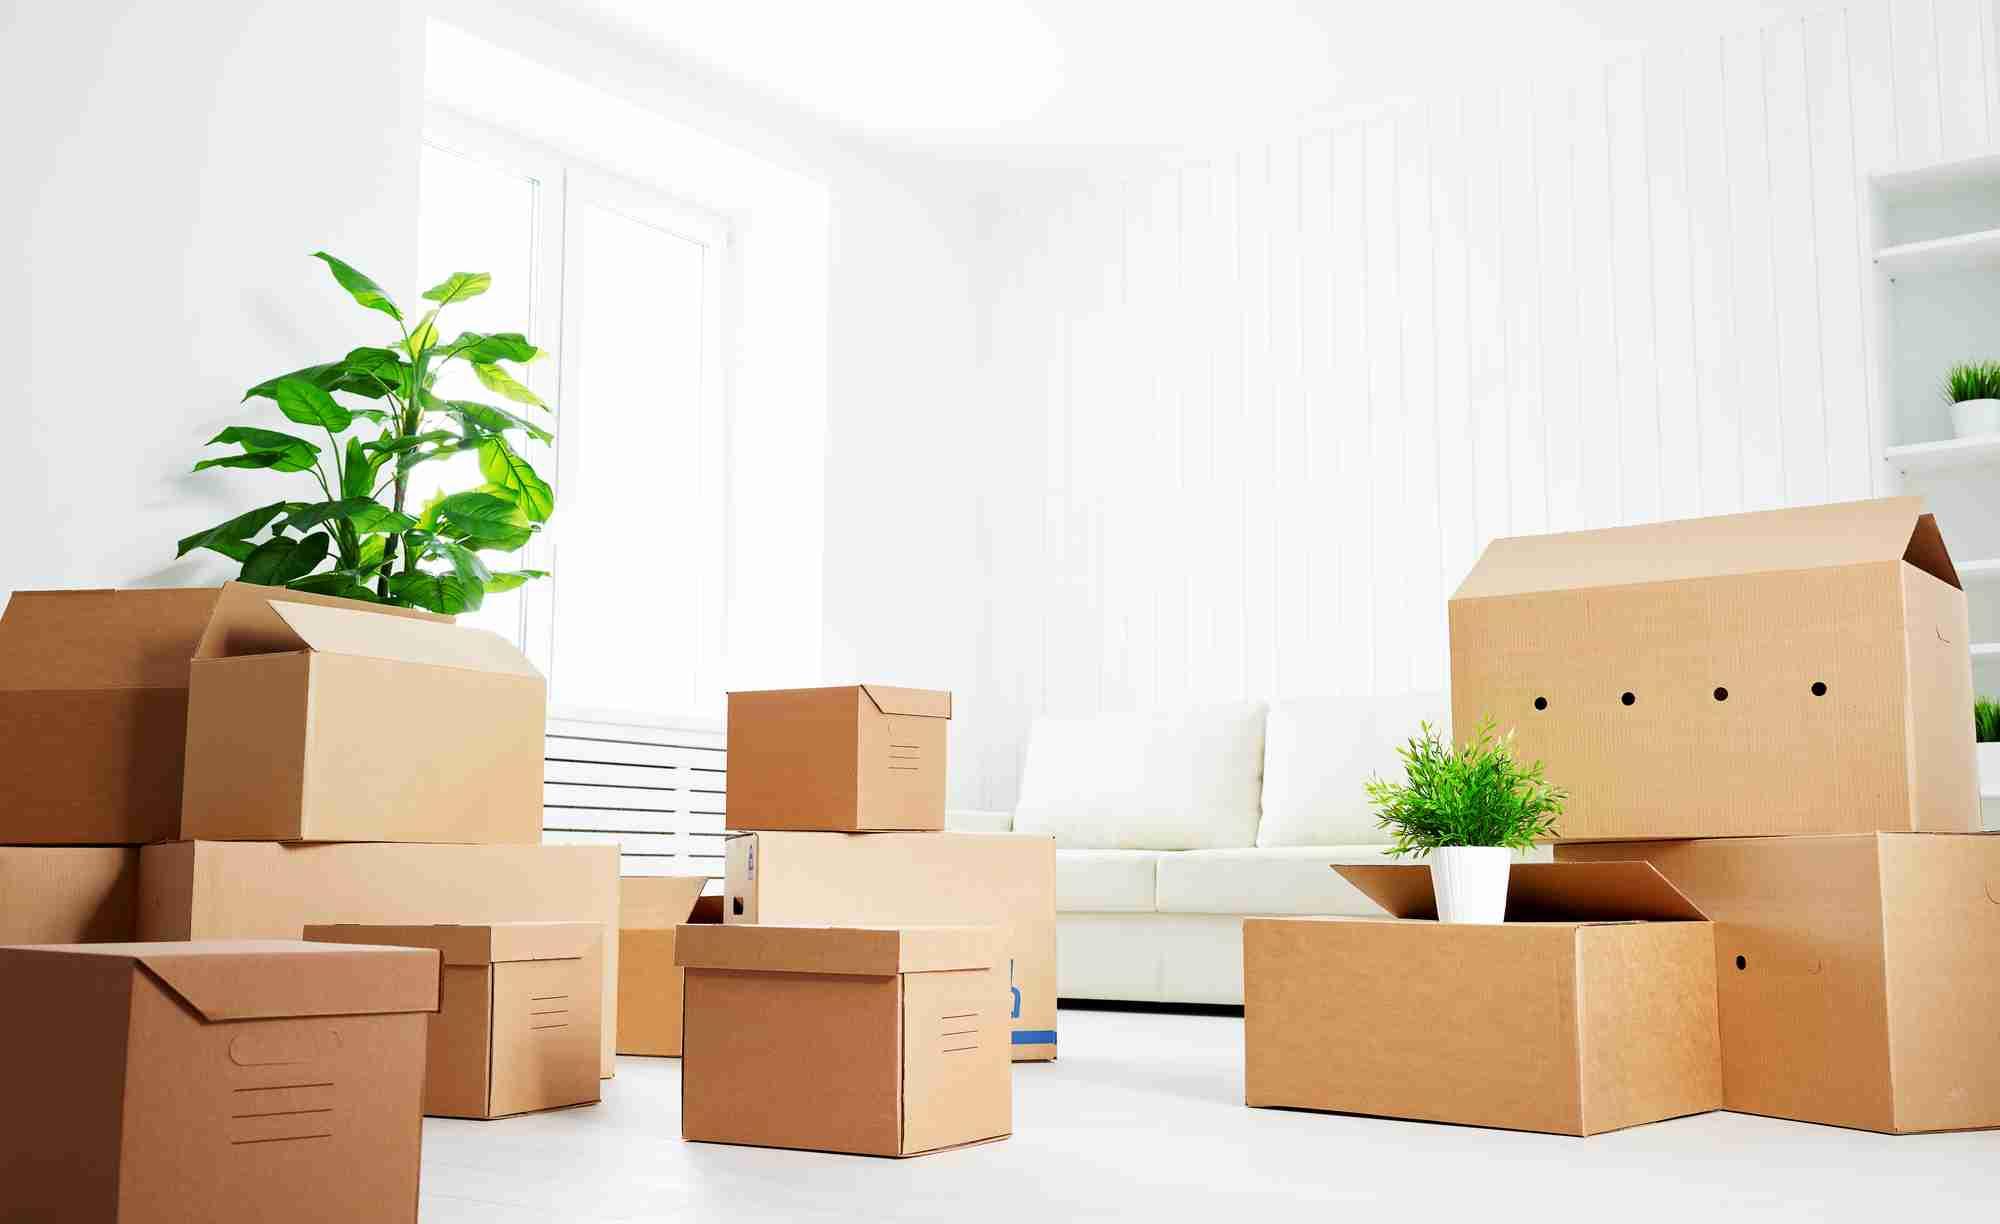 引っ越し解約金、大幅値上げへ…当日最大5割に